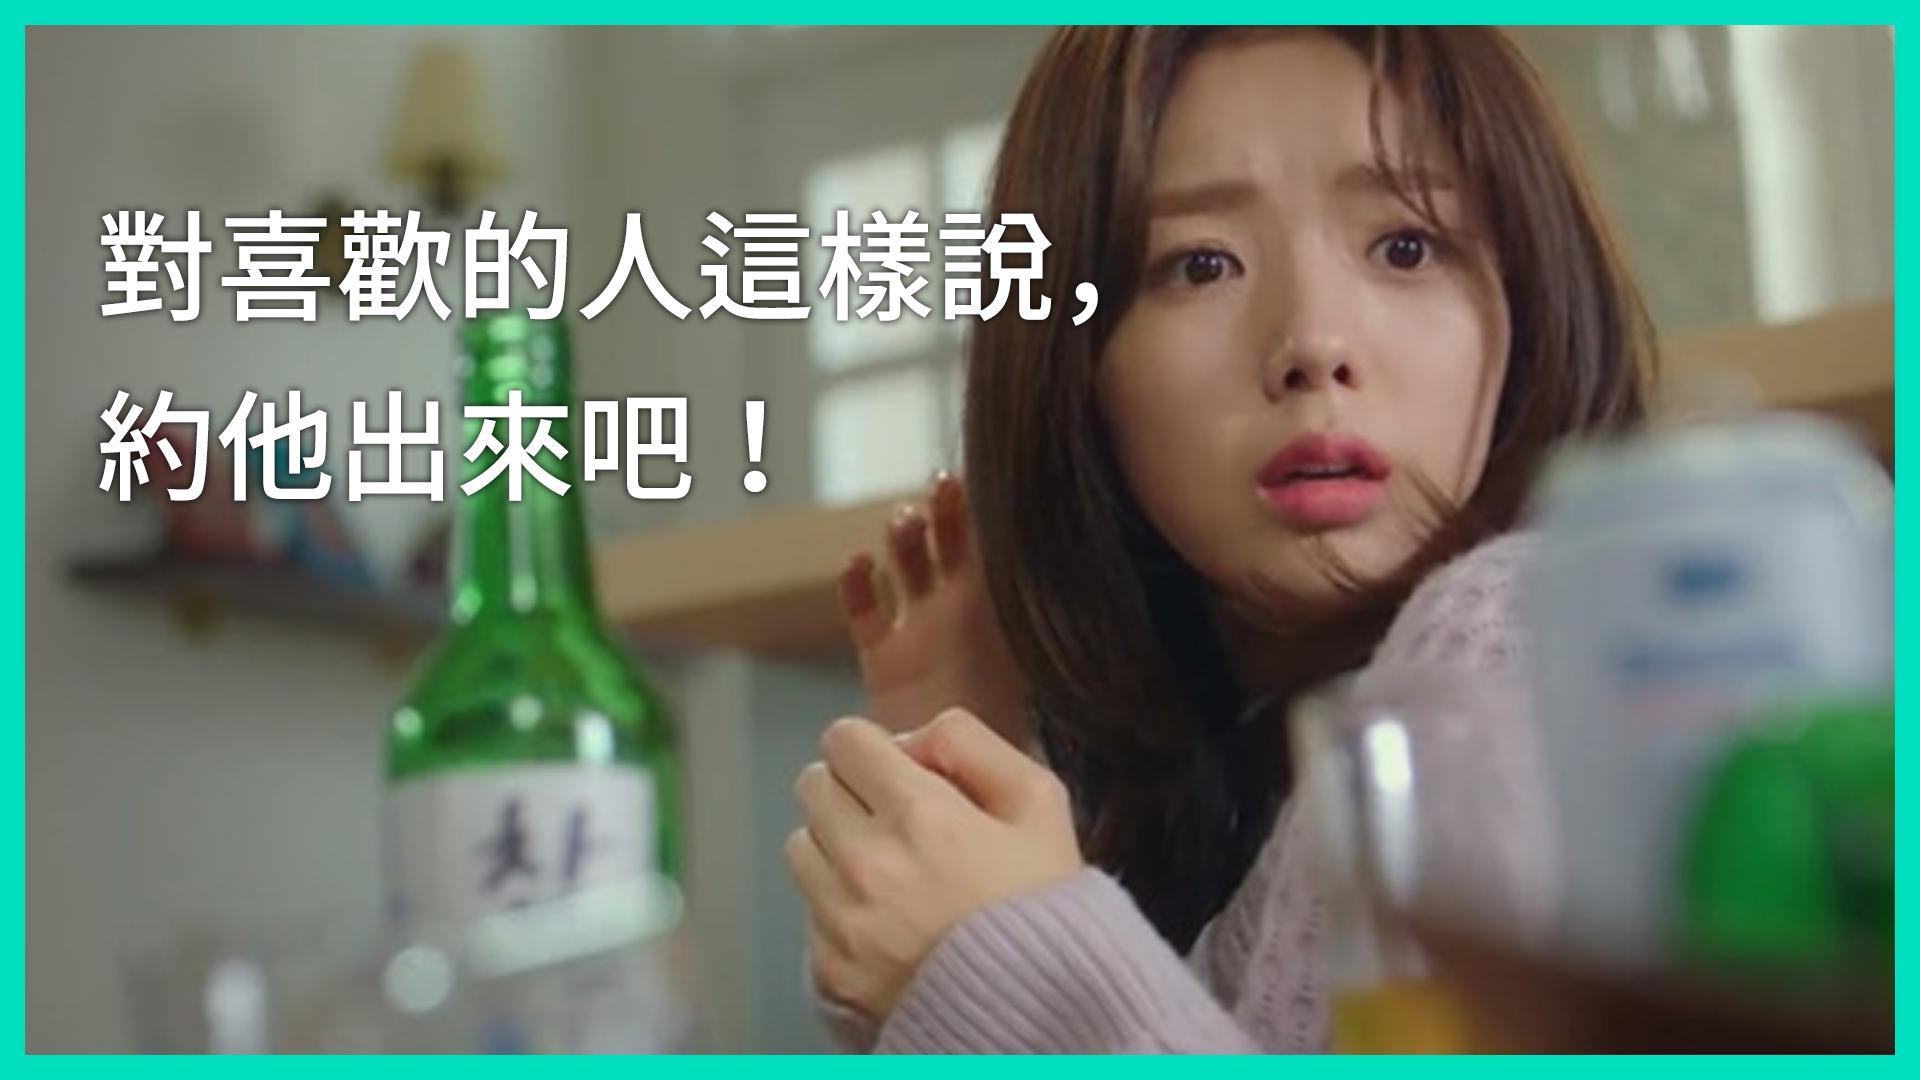 想約喜歡的人,韓文可以這樣說!?